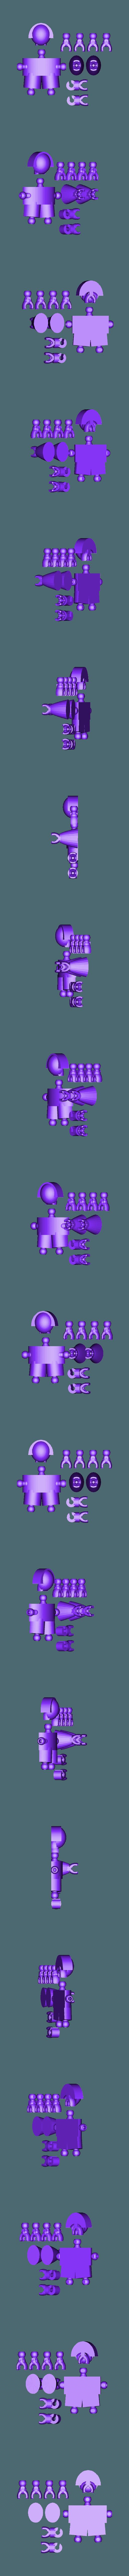 Klicket.stl Download free STL file Klicket - Action Figure • 3D printable design, gotbits